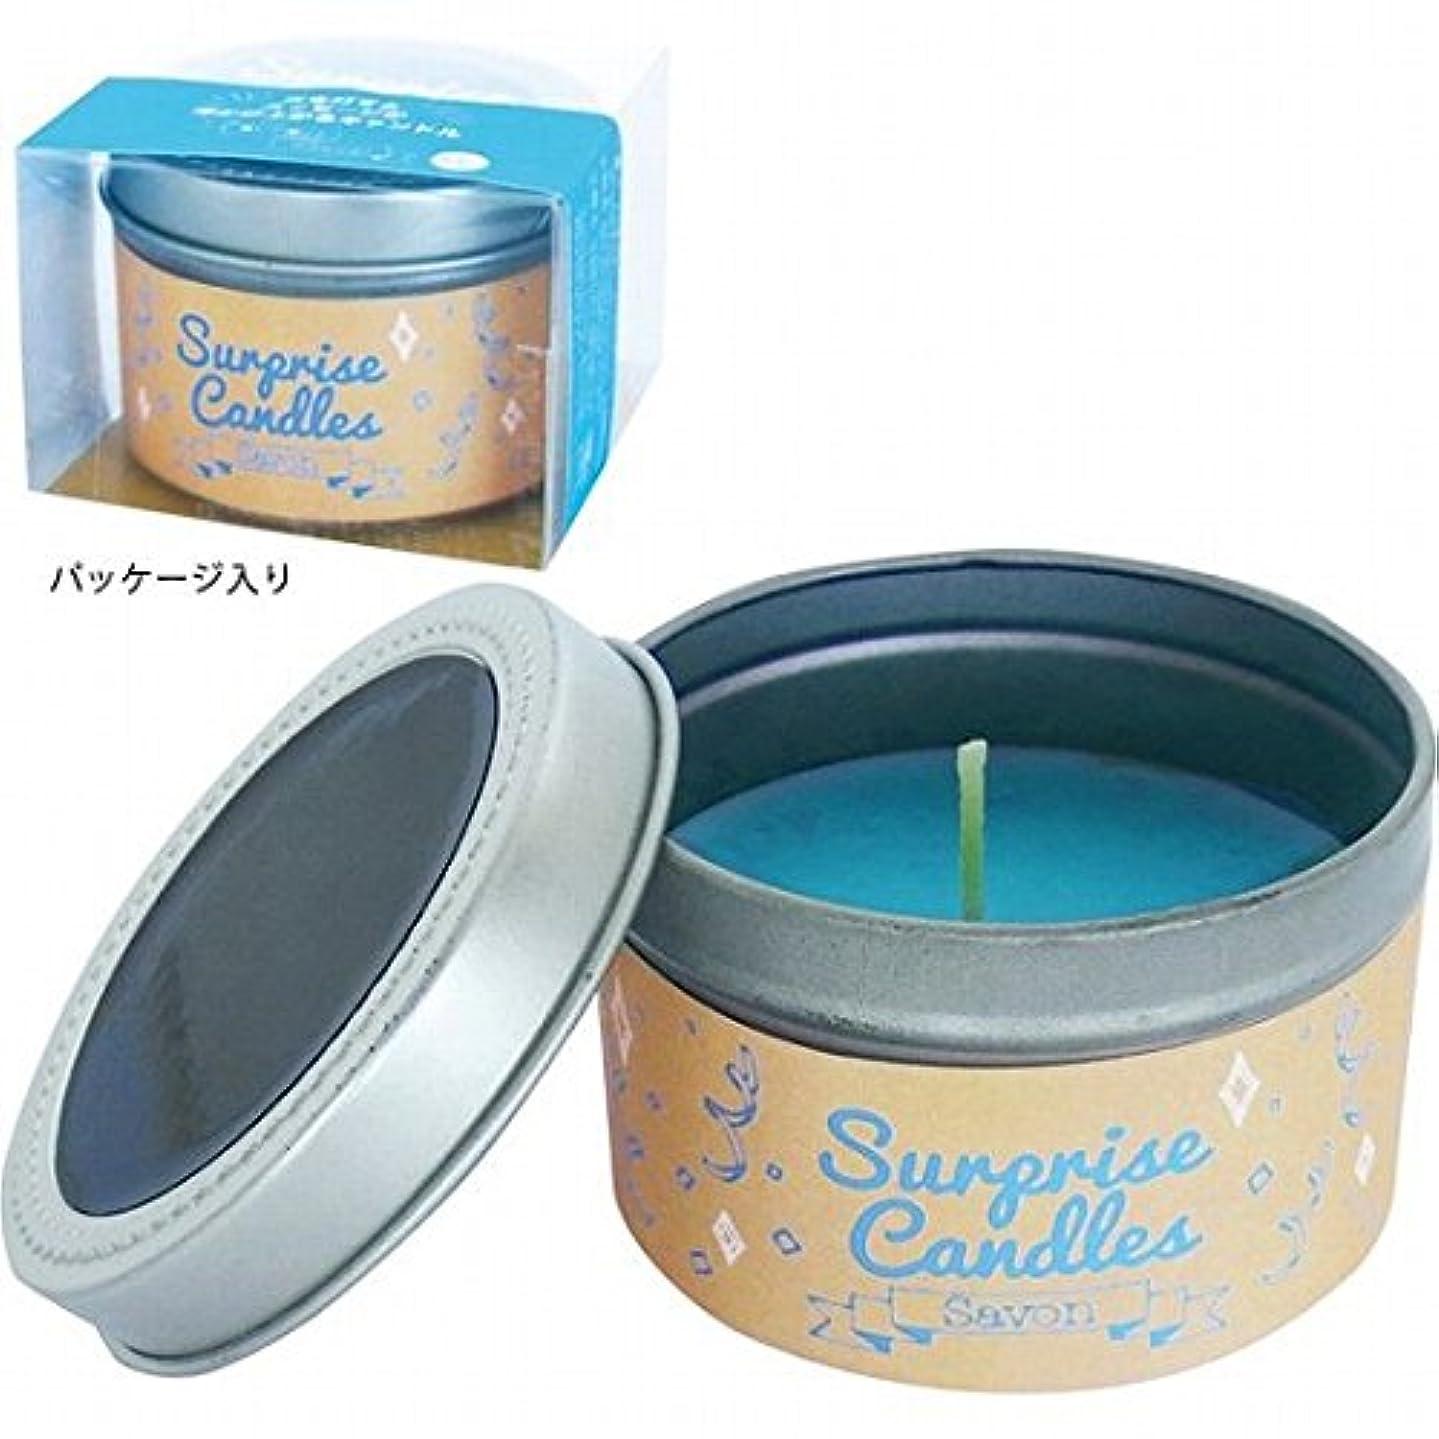 シェードリアル有望kameyama candle(カメヤマキャンドル) サプライズキャンドル 「サボン」(A207005030)